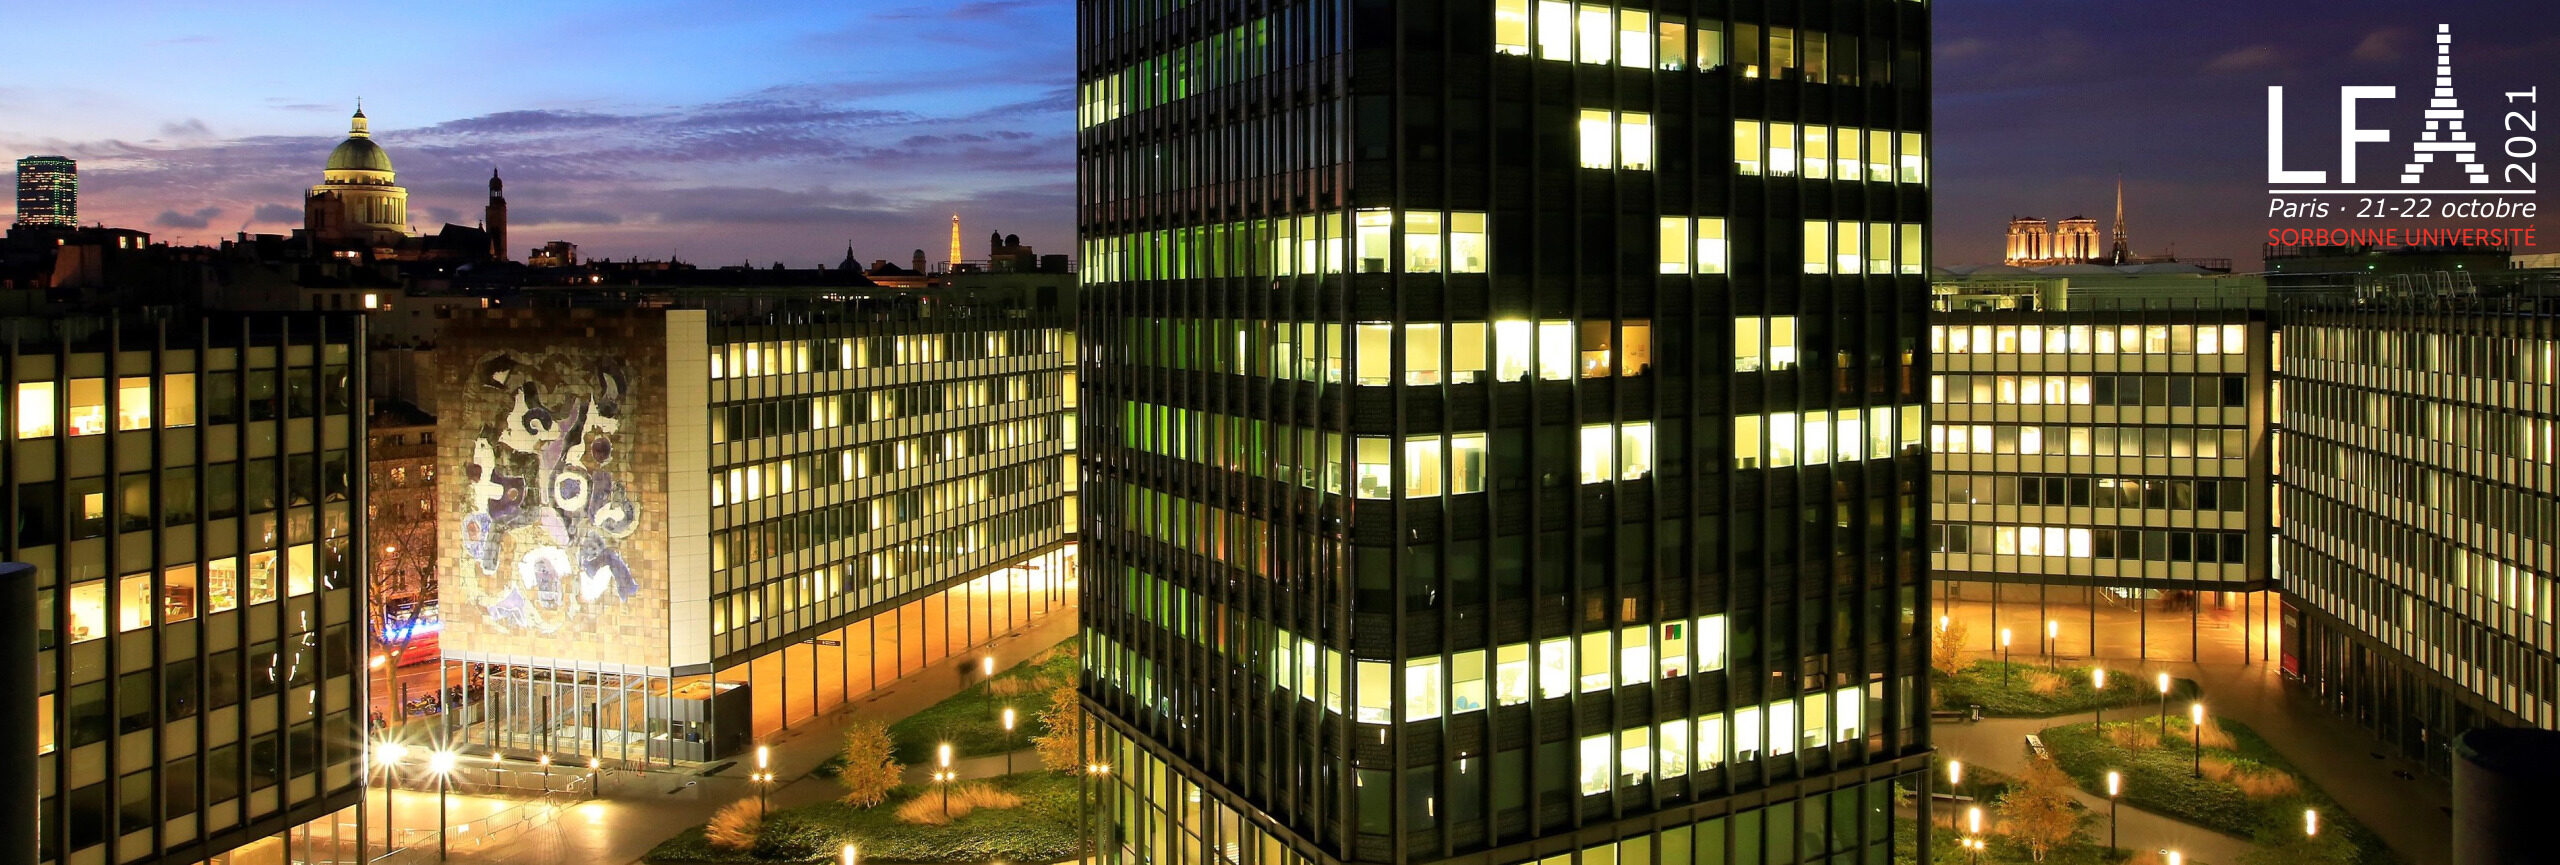 LFA 2021 – Sorbonne Université, Paris